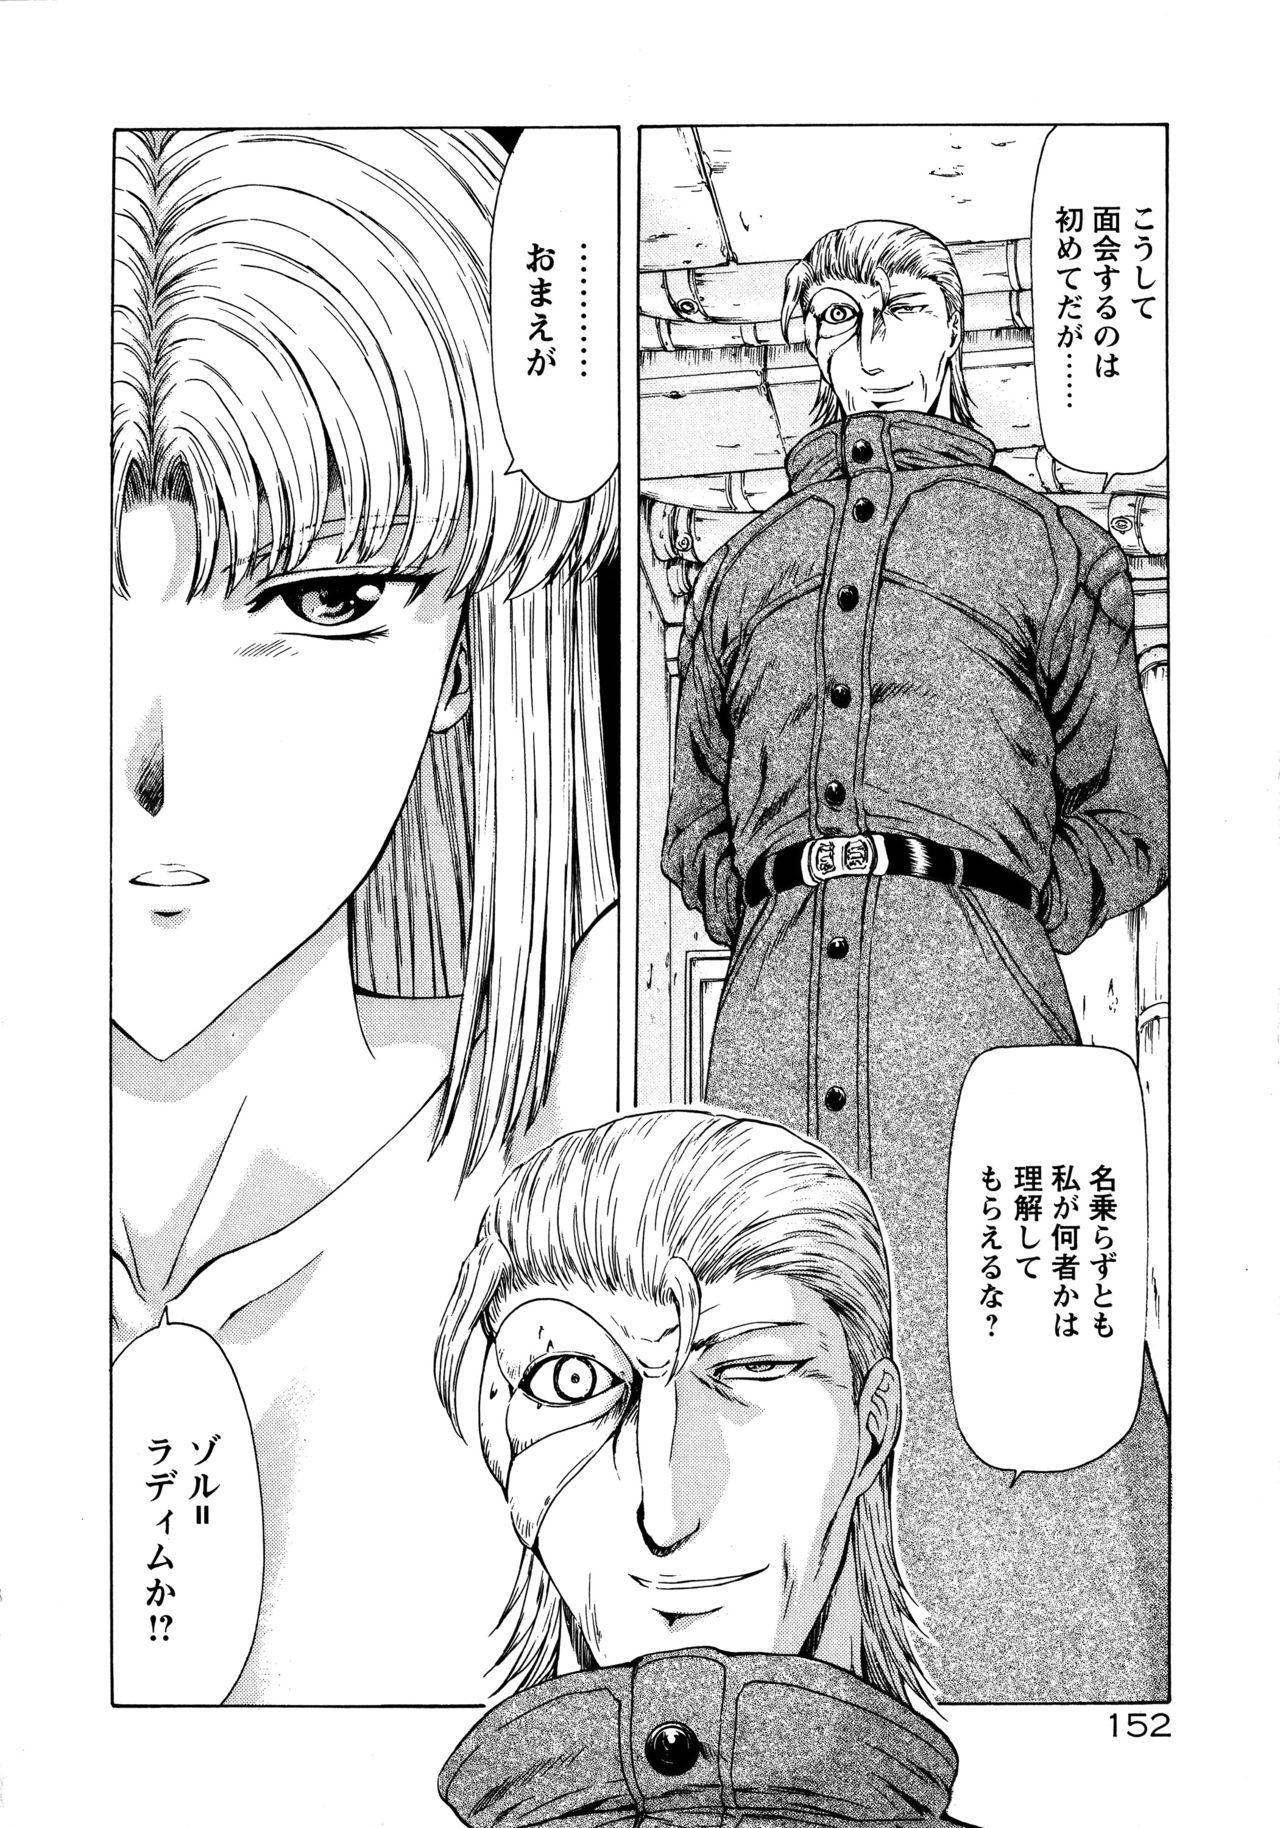 Ginryuu no Reimei Vol. 1 159